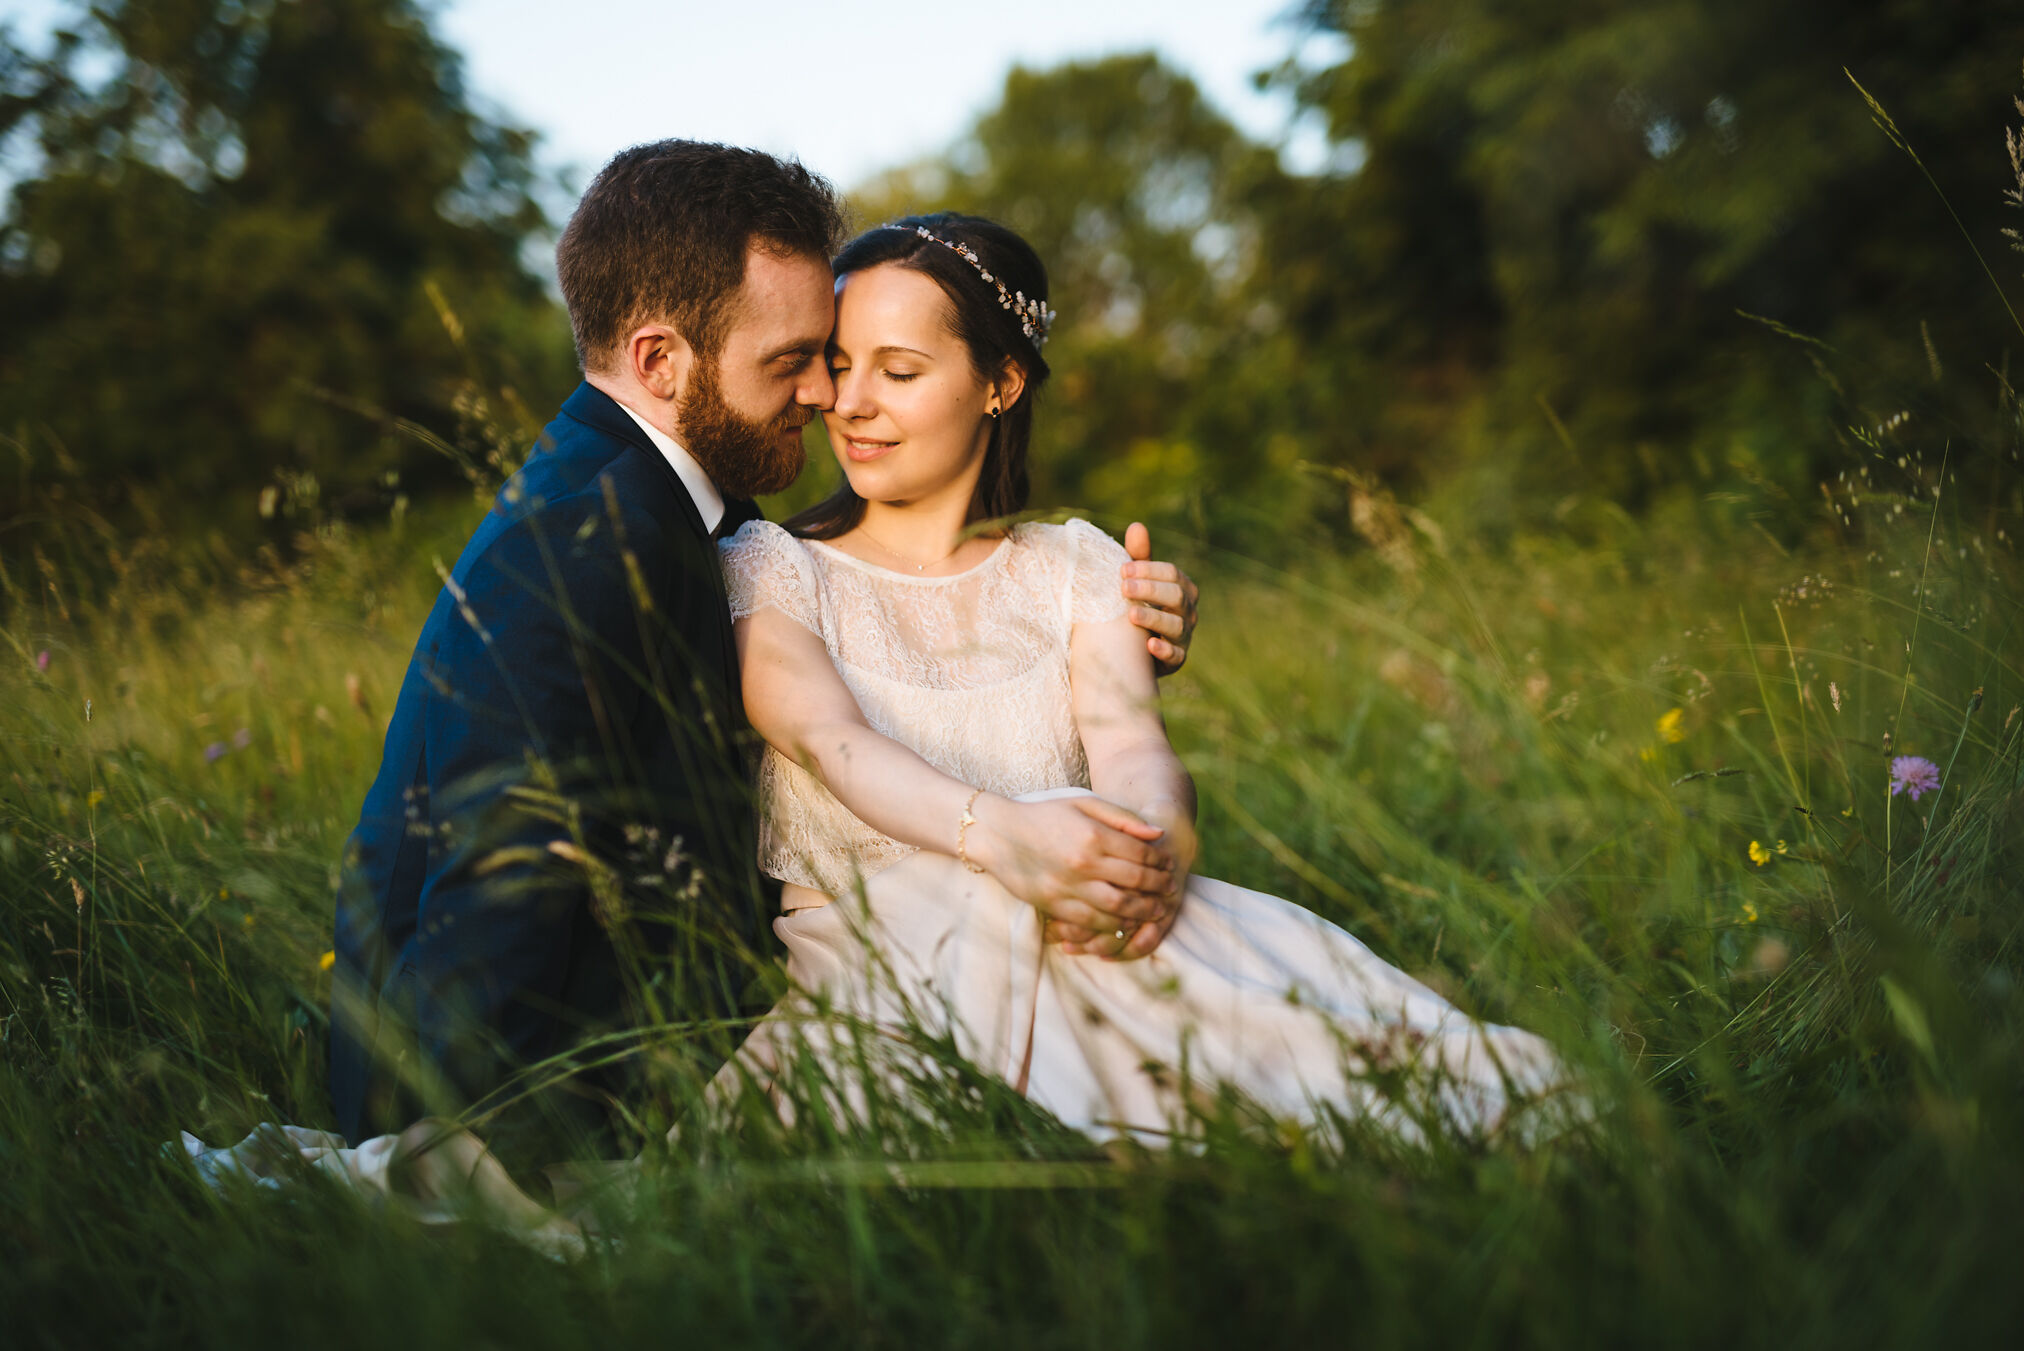 Hochzeit-Garten-Denoti-52.jpg